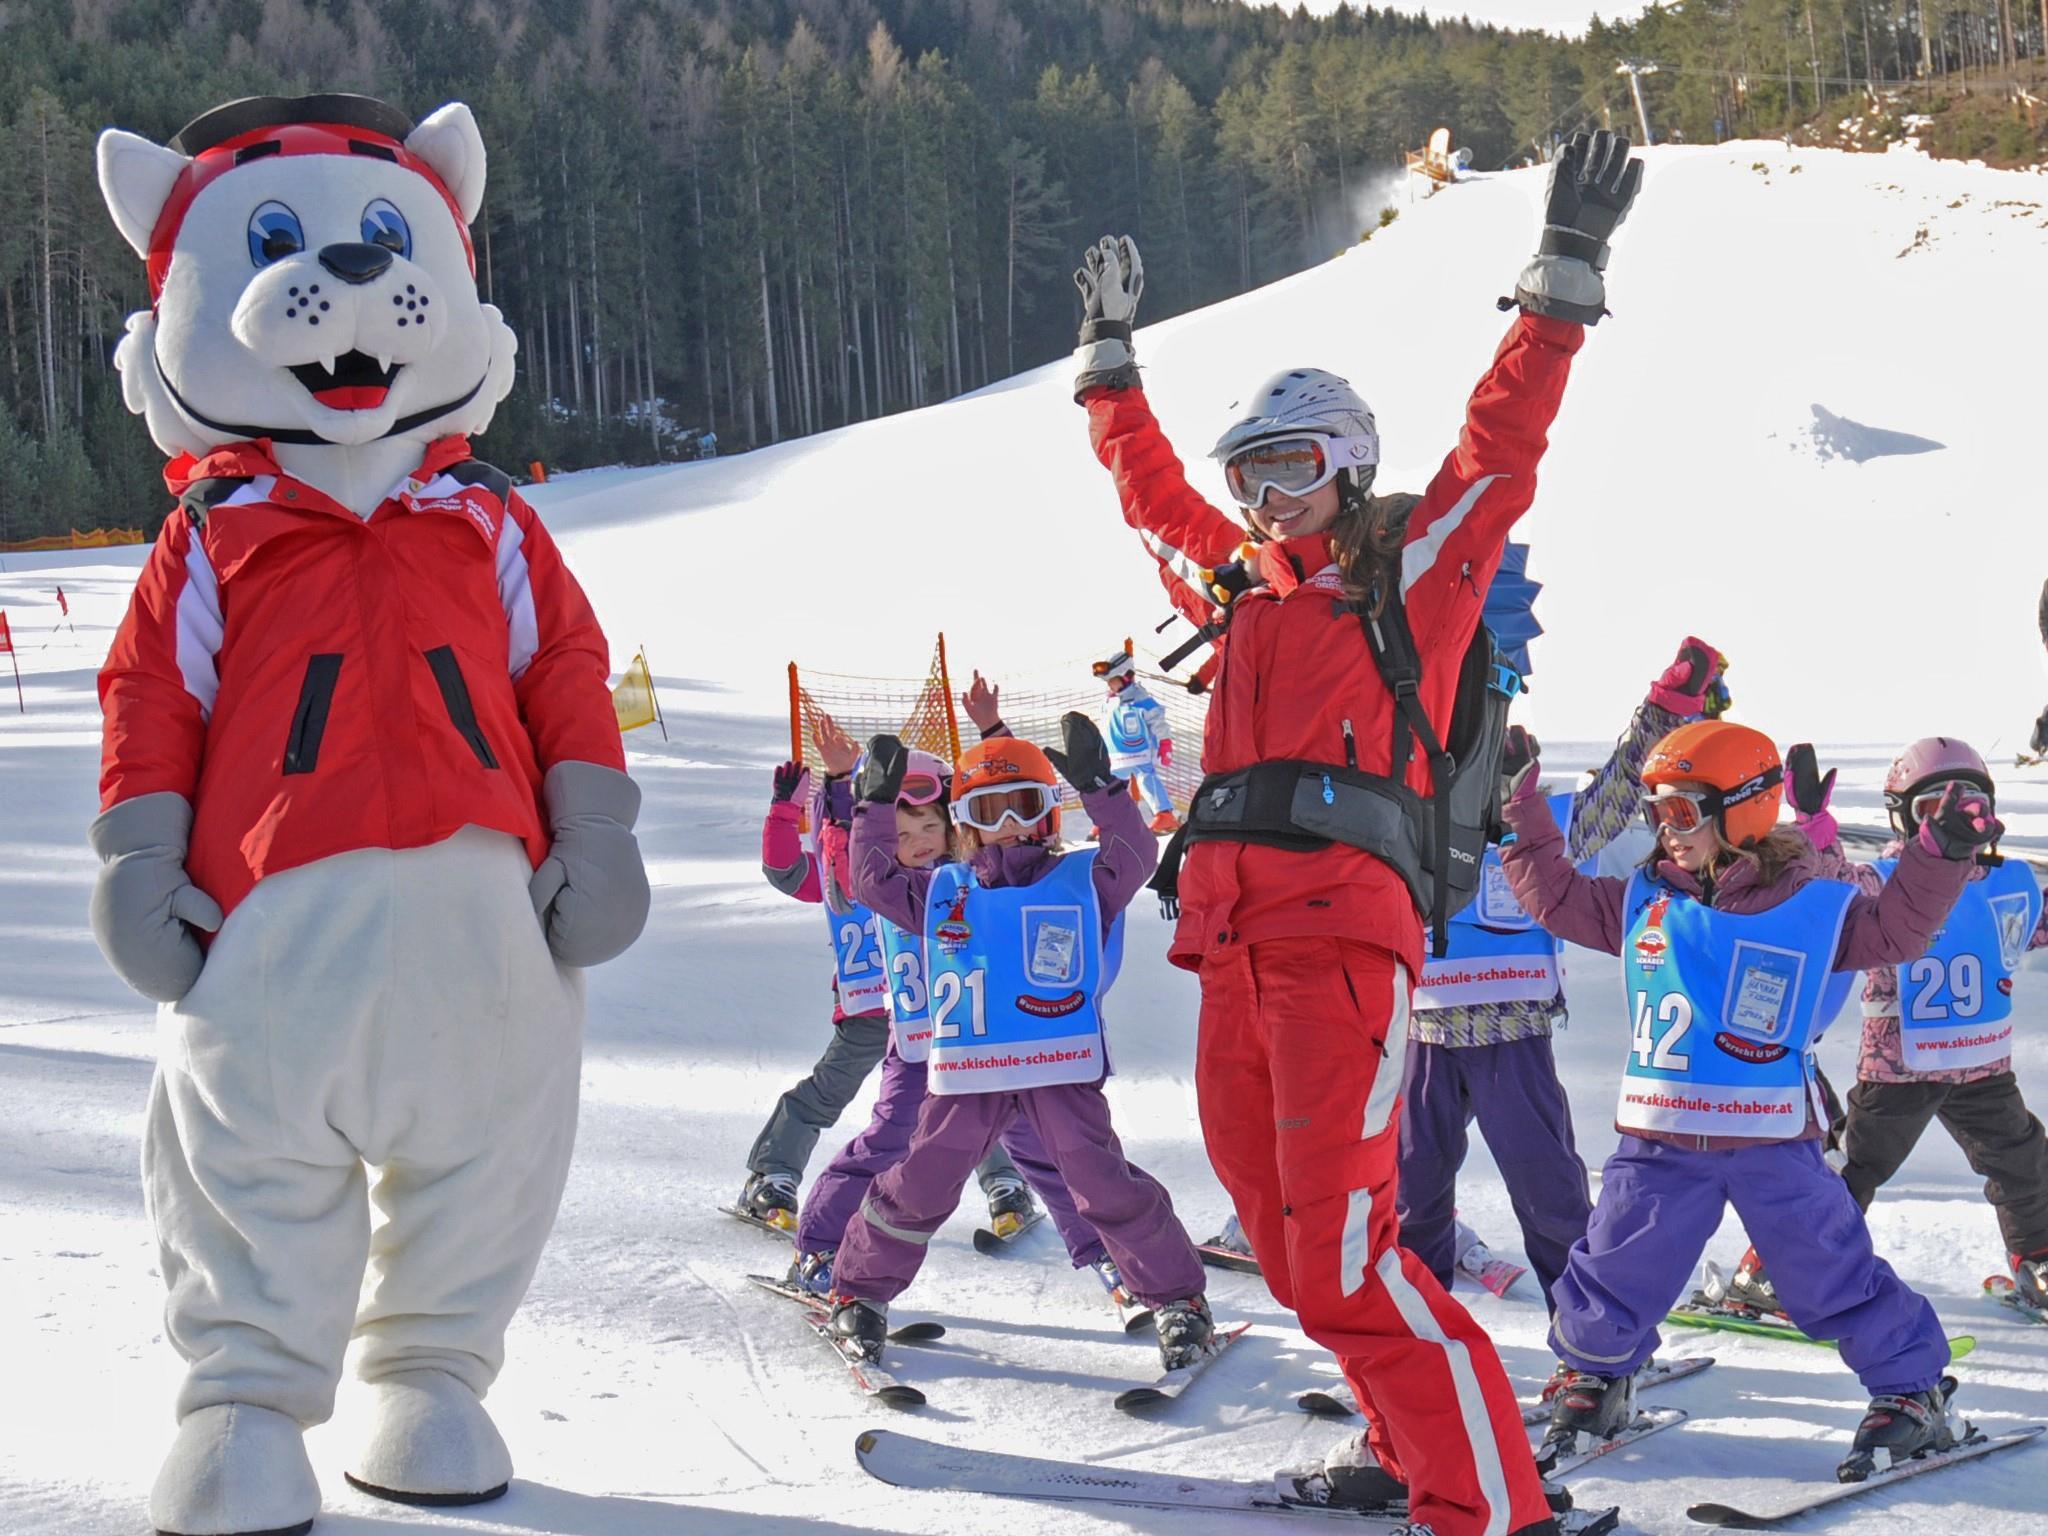 Skischule Schaber